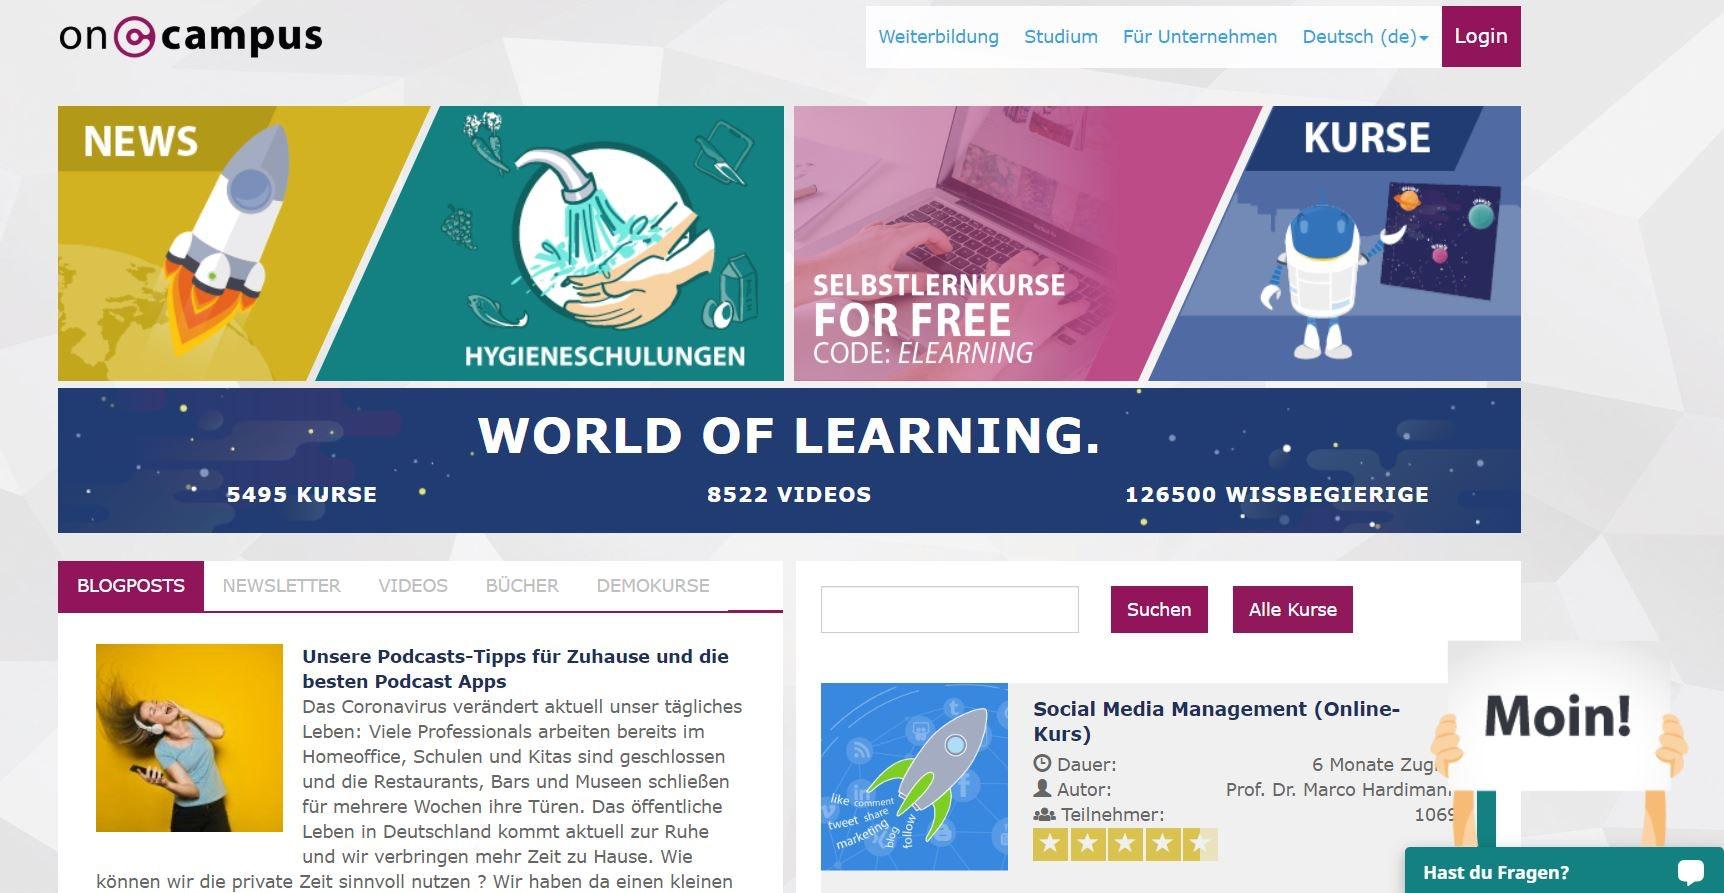 Online lernen mit oncampus